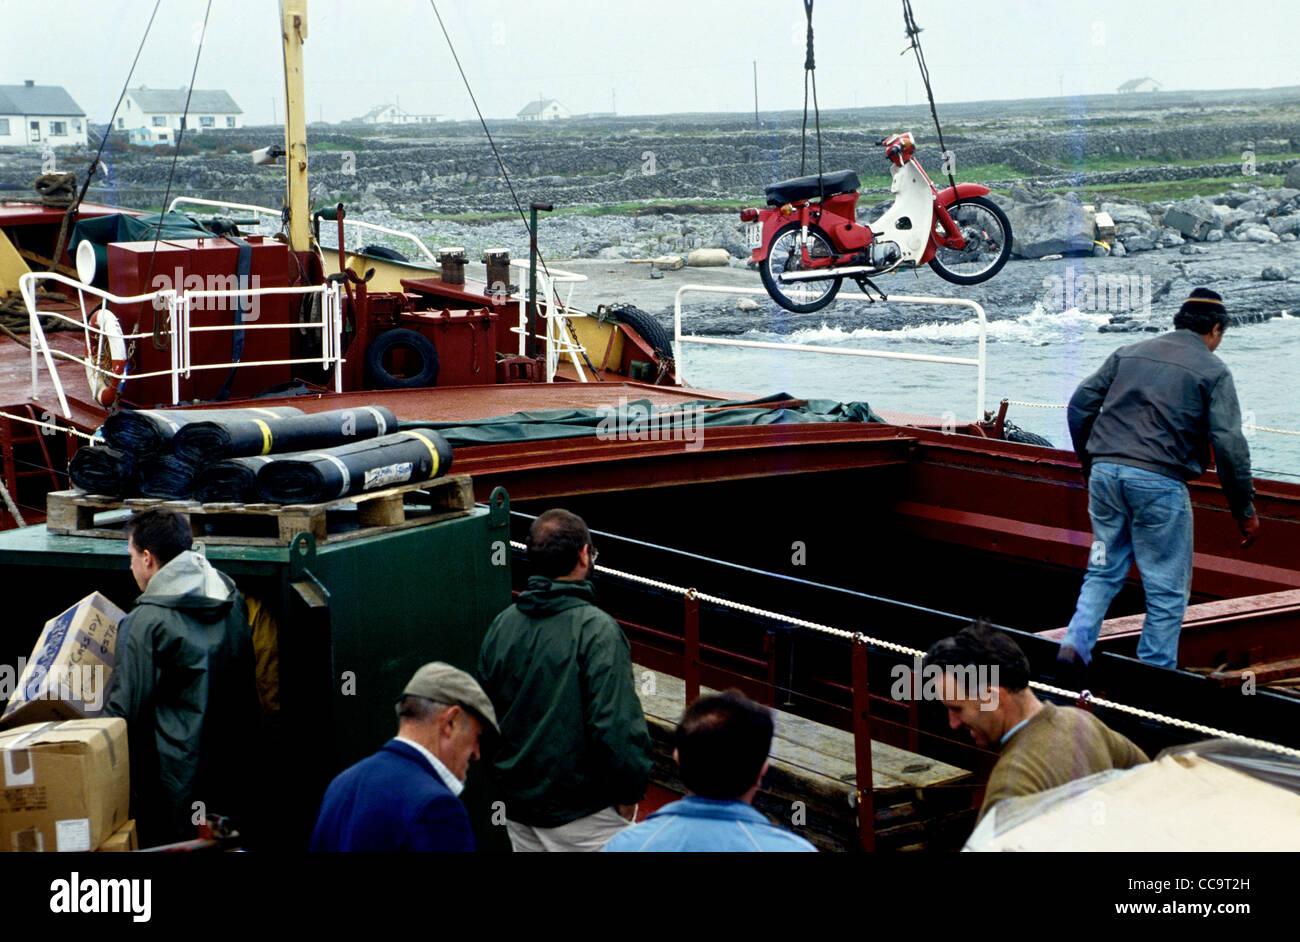 Eine Motorrad ist an Land auf die Aran Islands Co Galway Irland reckte. Stockbild